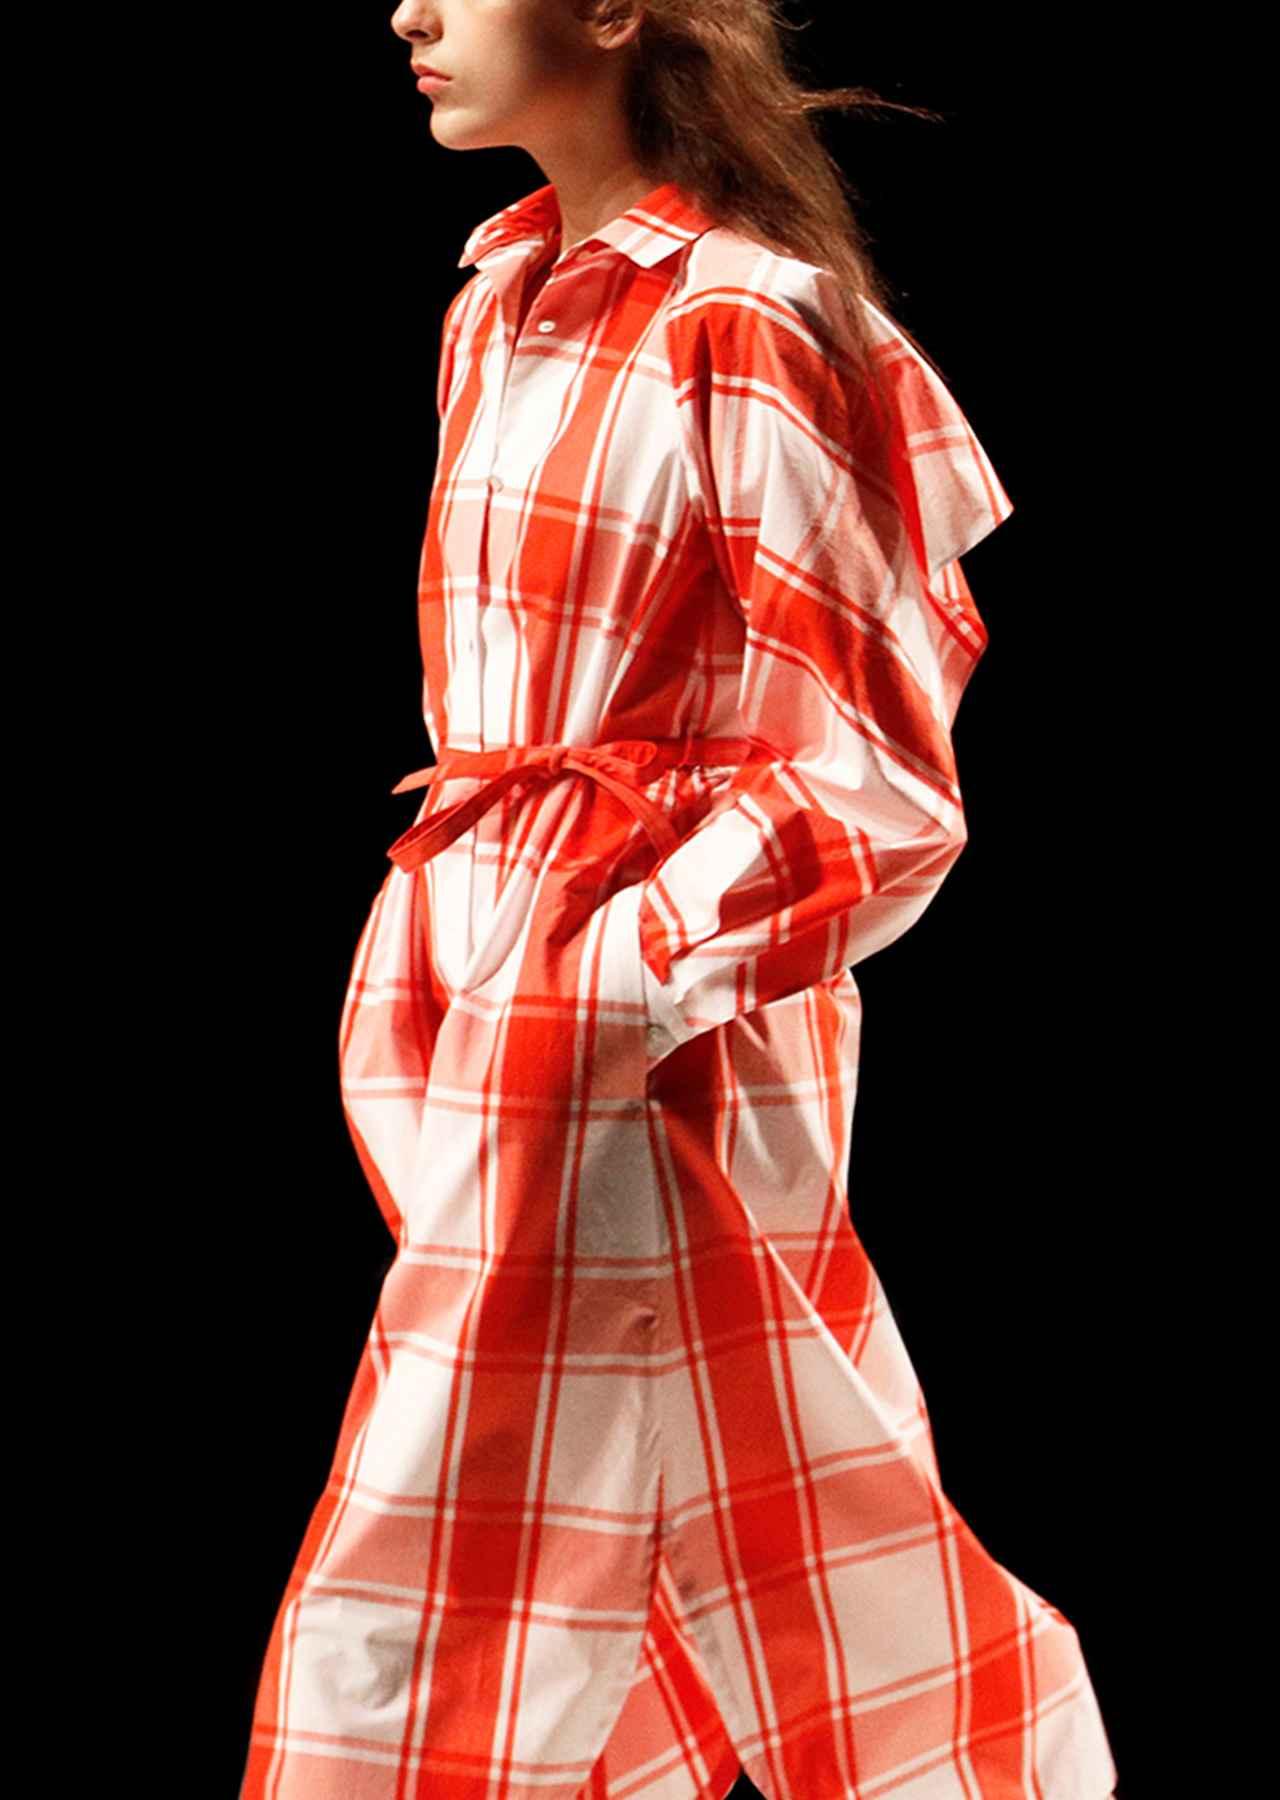 Images : 11番目の画像 - 「いい服に、ありがとう。 「サポートサーフェス」の服が 着心地よく美しい理由」のアルバム - T JAPAN:The New York Times Style Magazine 公式サイト